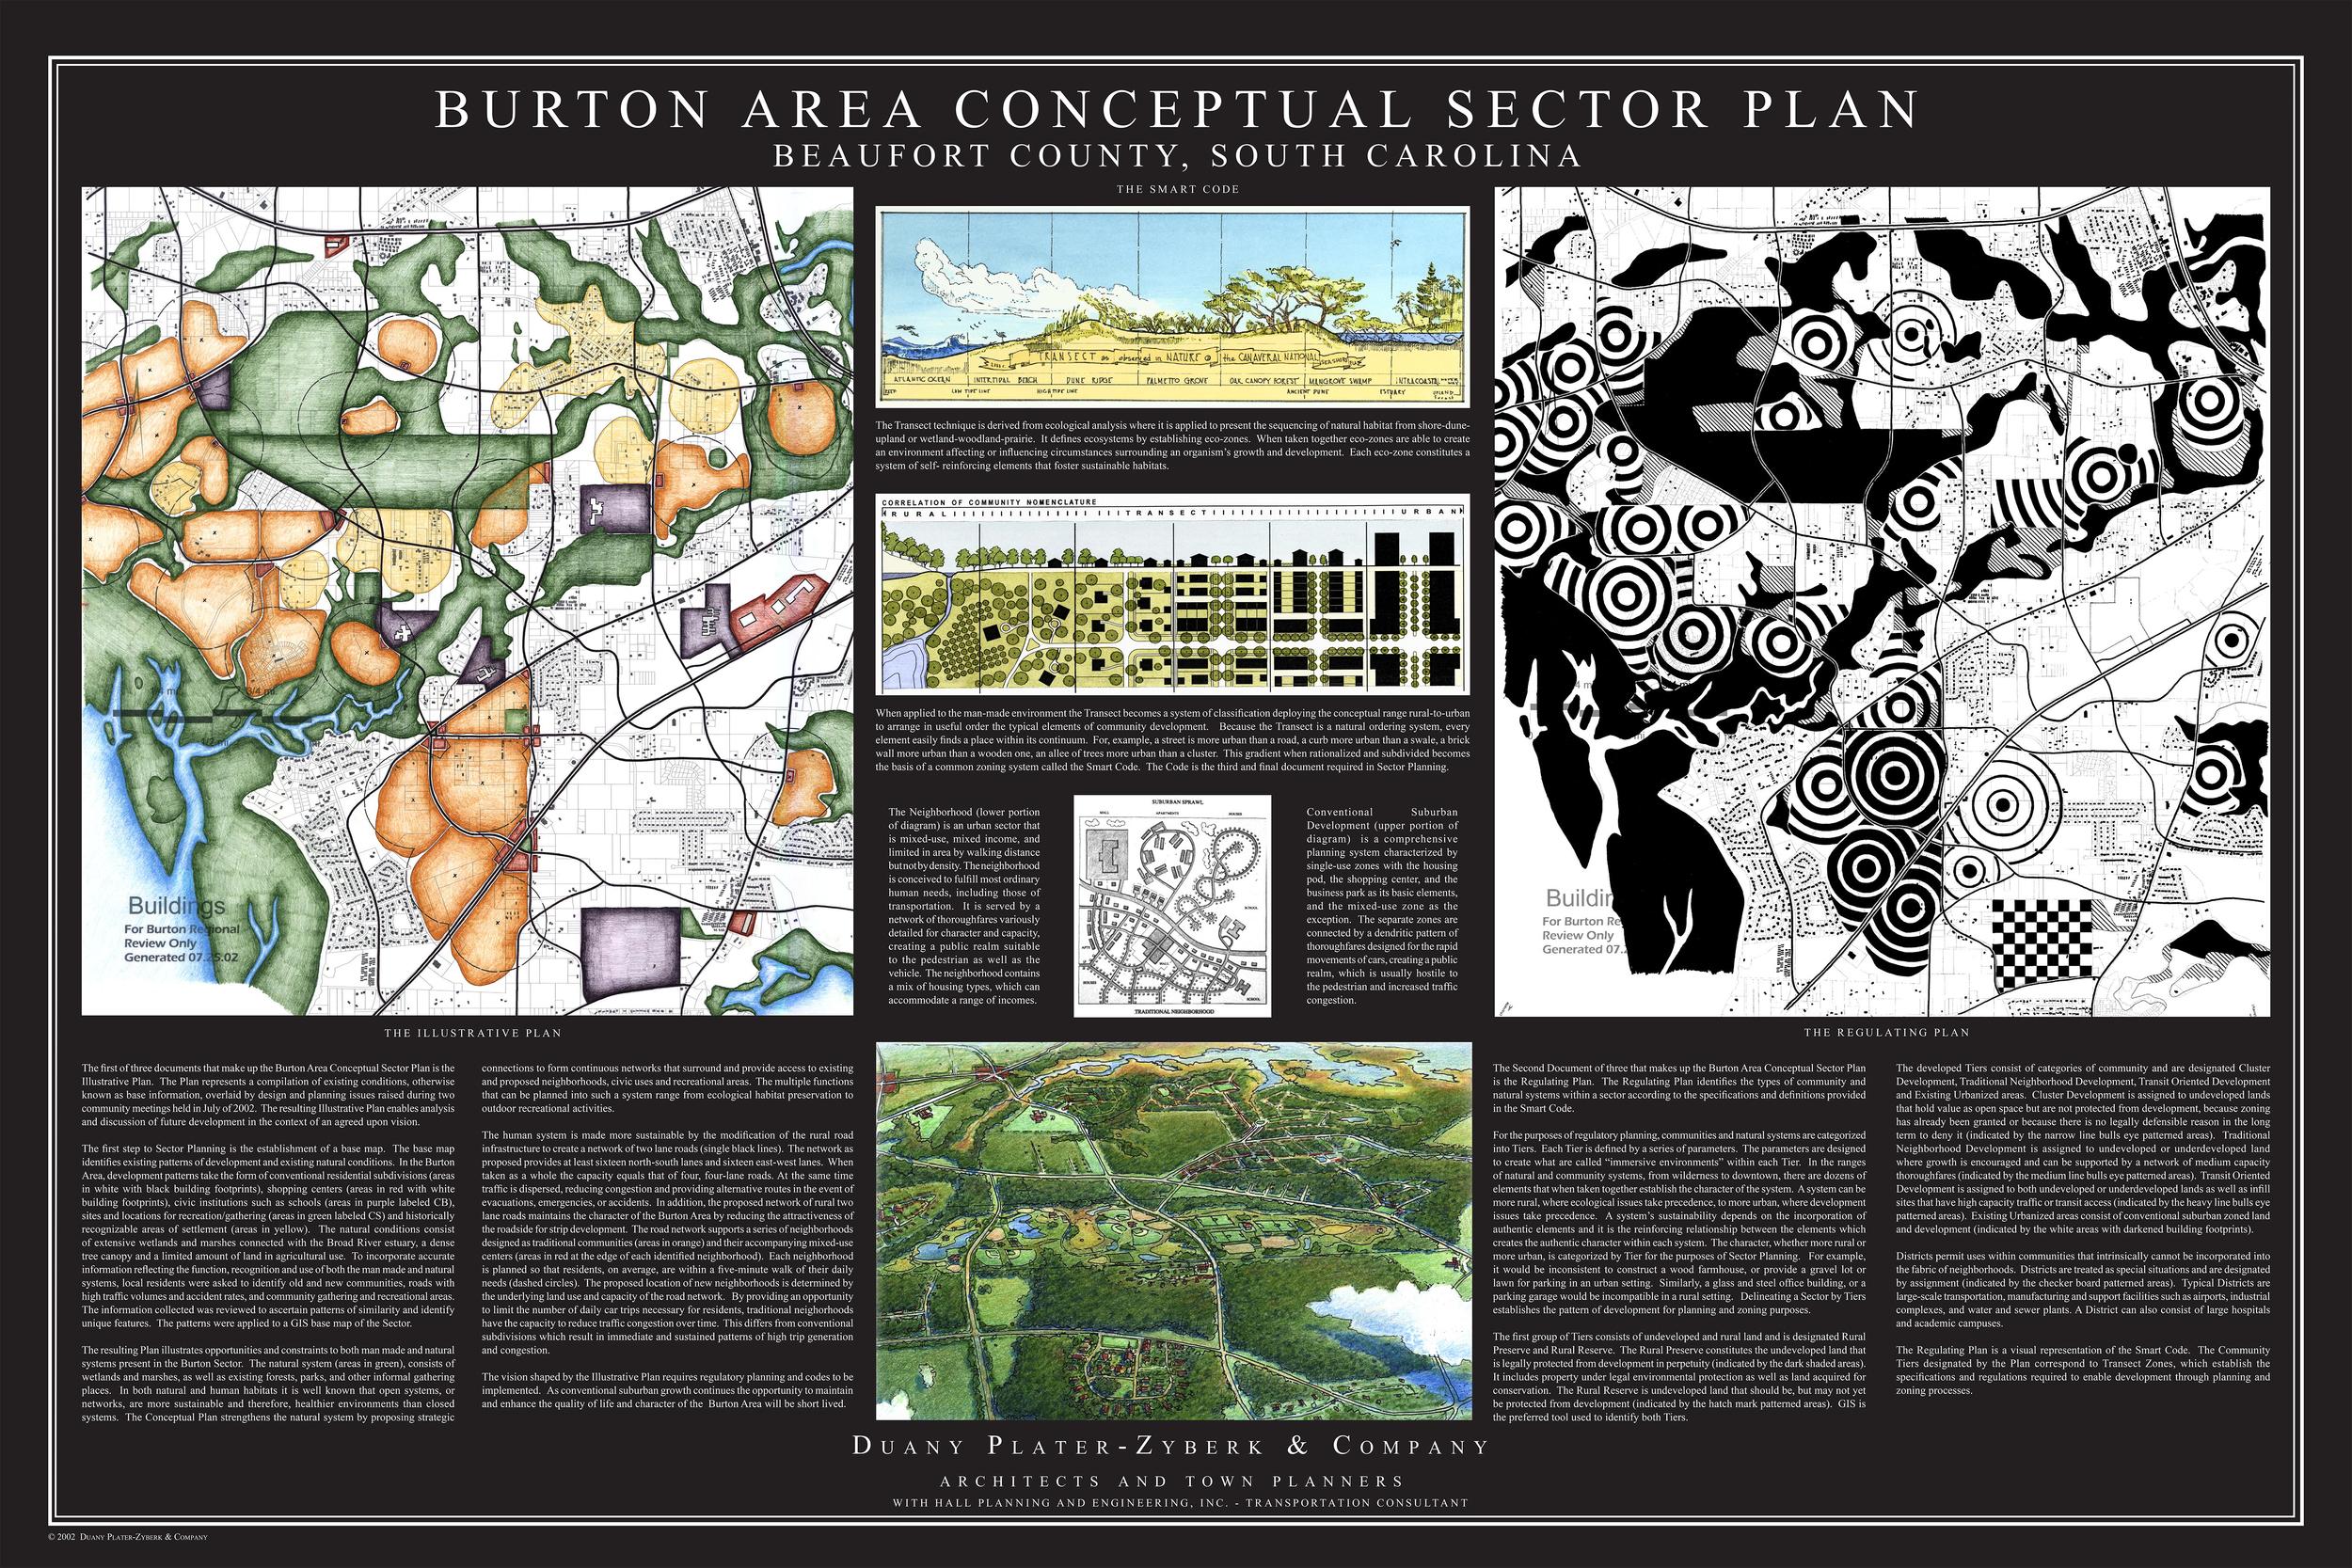 Burton Area Conceptual Sector Plan